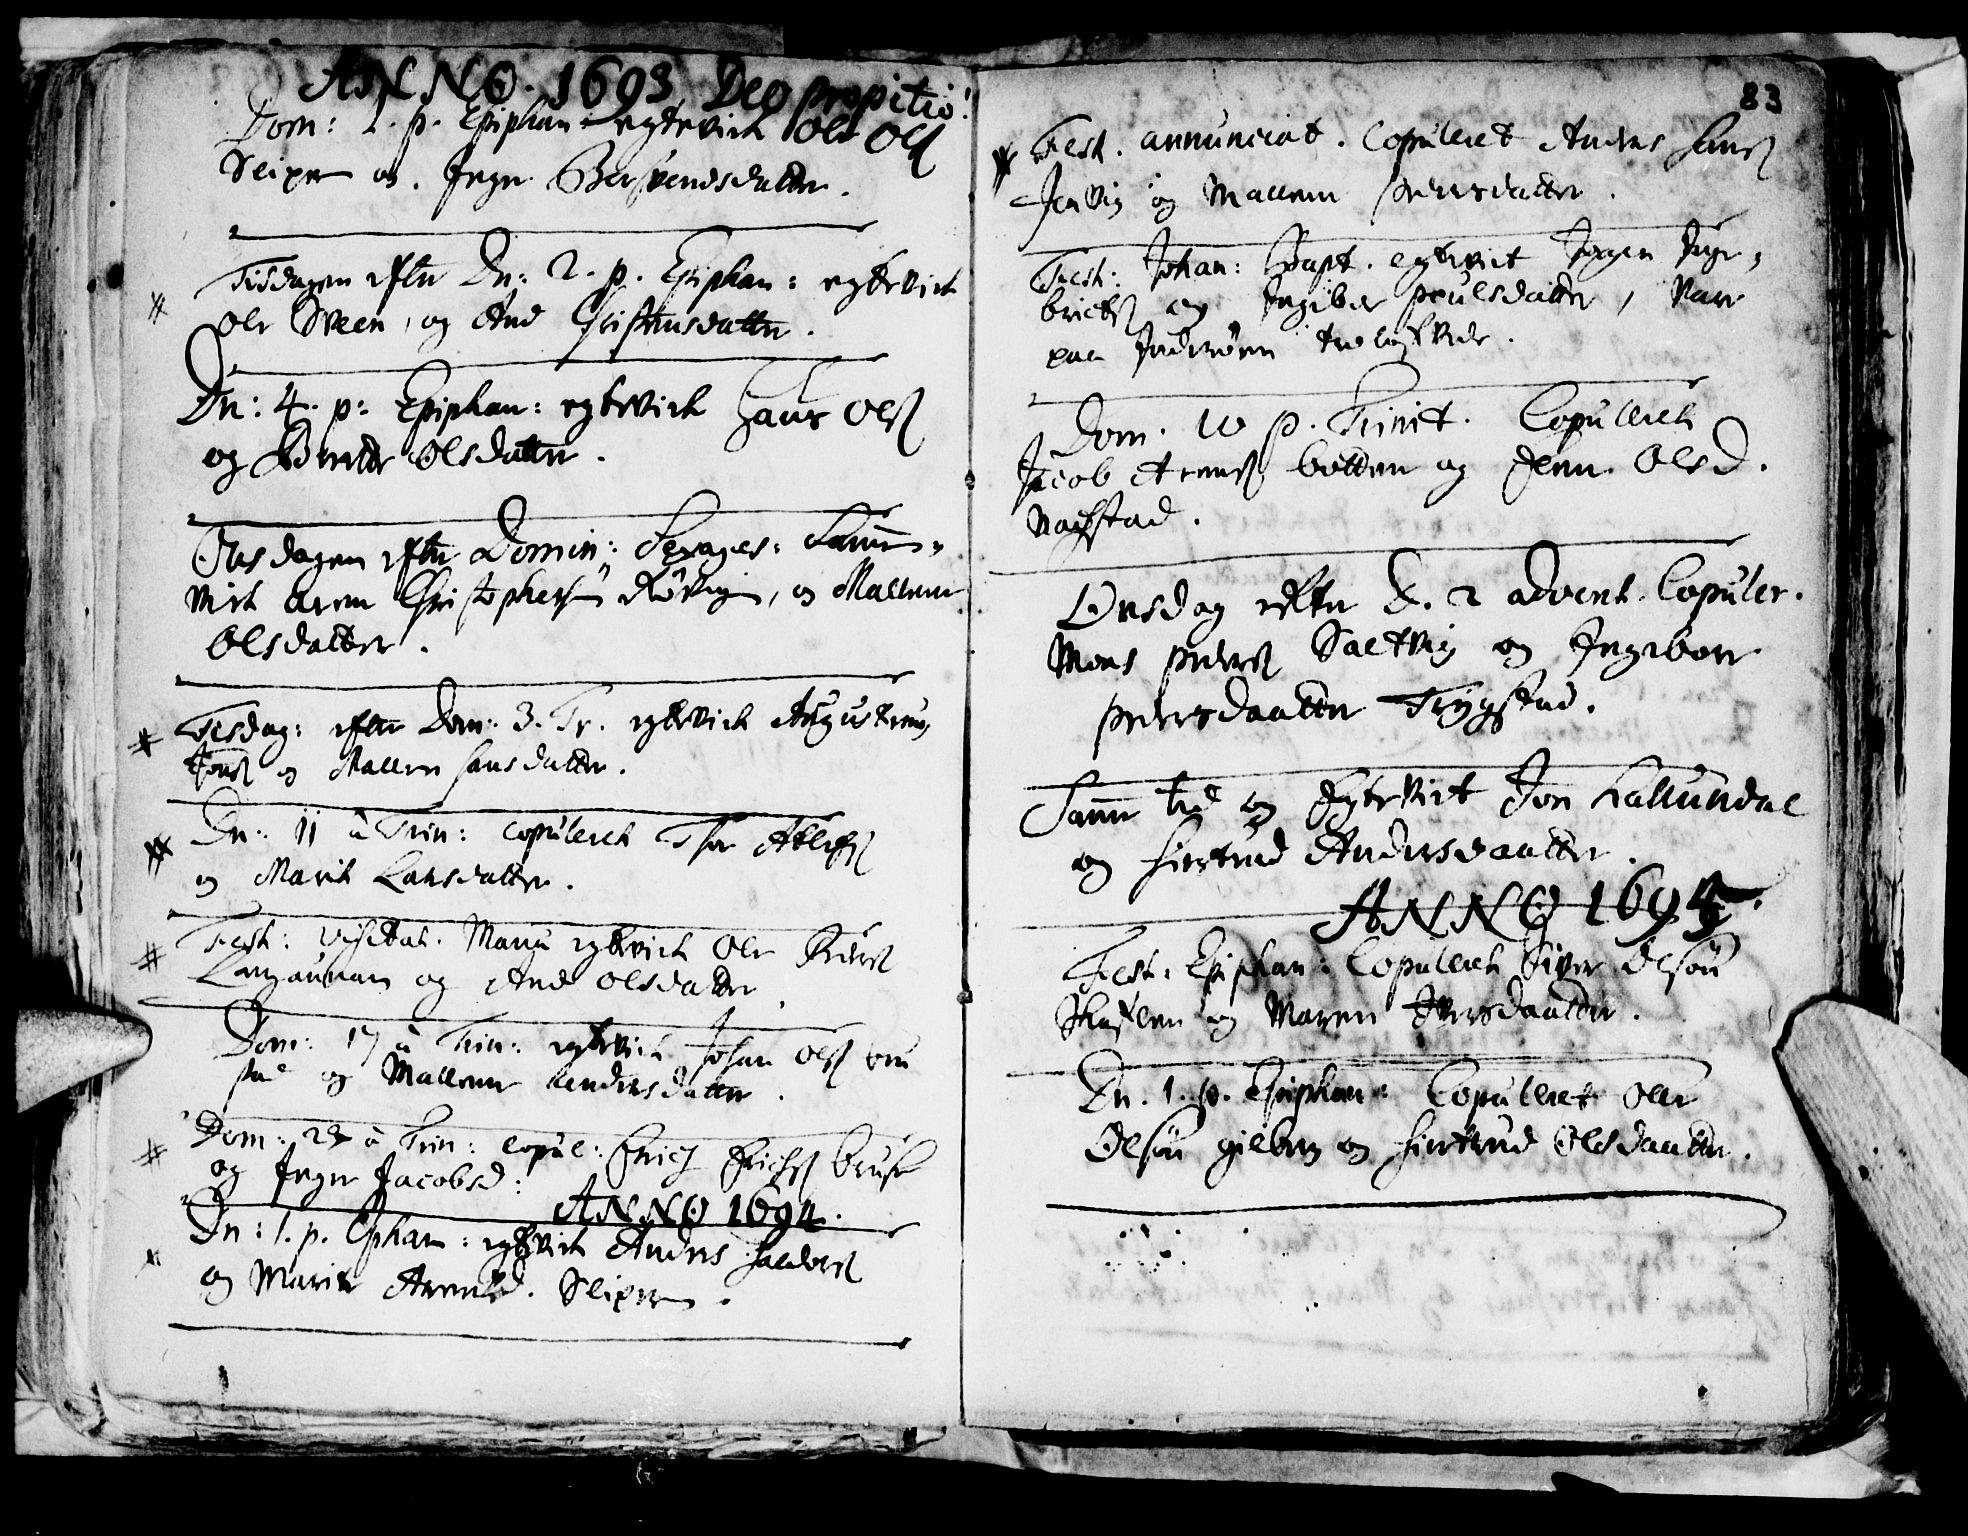 SAT, Ministerialprotokoller, klokkerbøker og fødselsregistre - Nord-Trøndelag, 722/L0214: Ministerialbok nr. 722A01, 1692-1718, s. 83